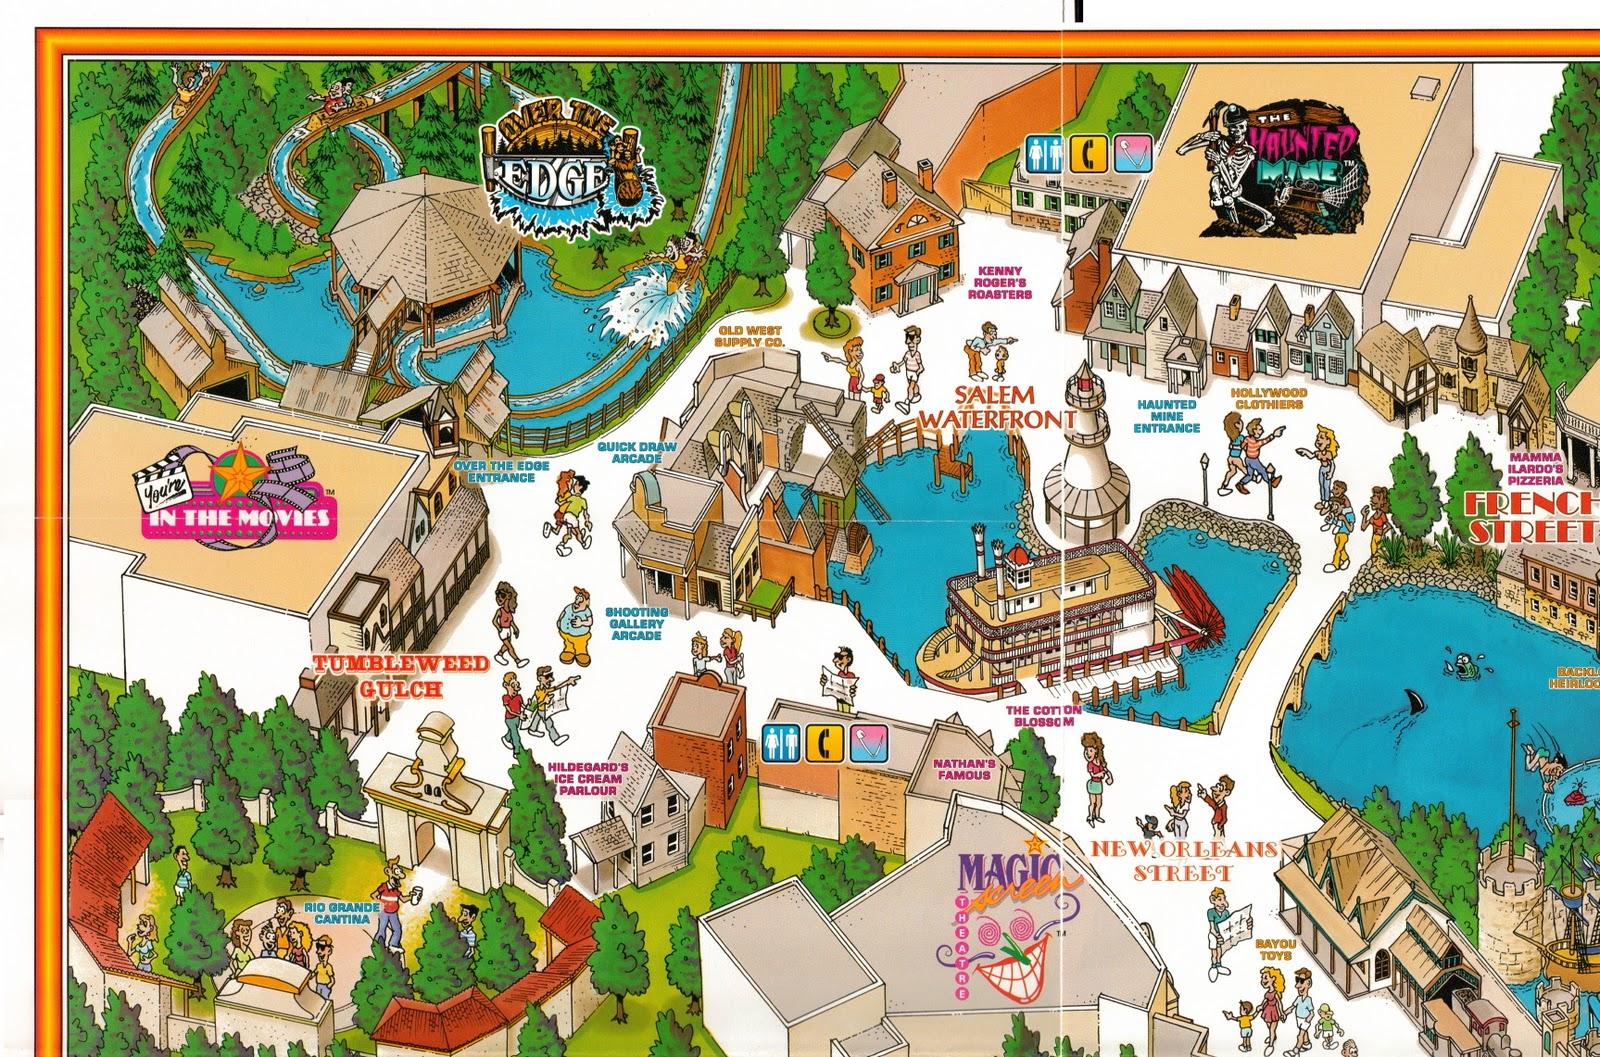 mgm grand adventures souvenir map. newsplusnotes  mgm grand adventures souvenir map